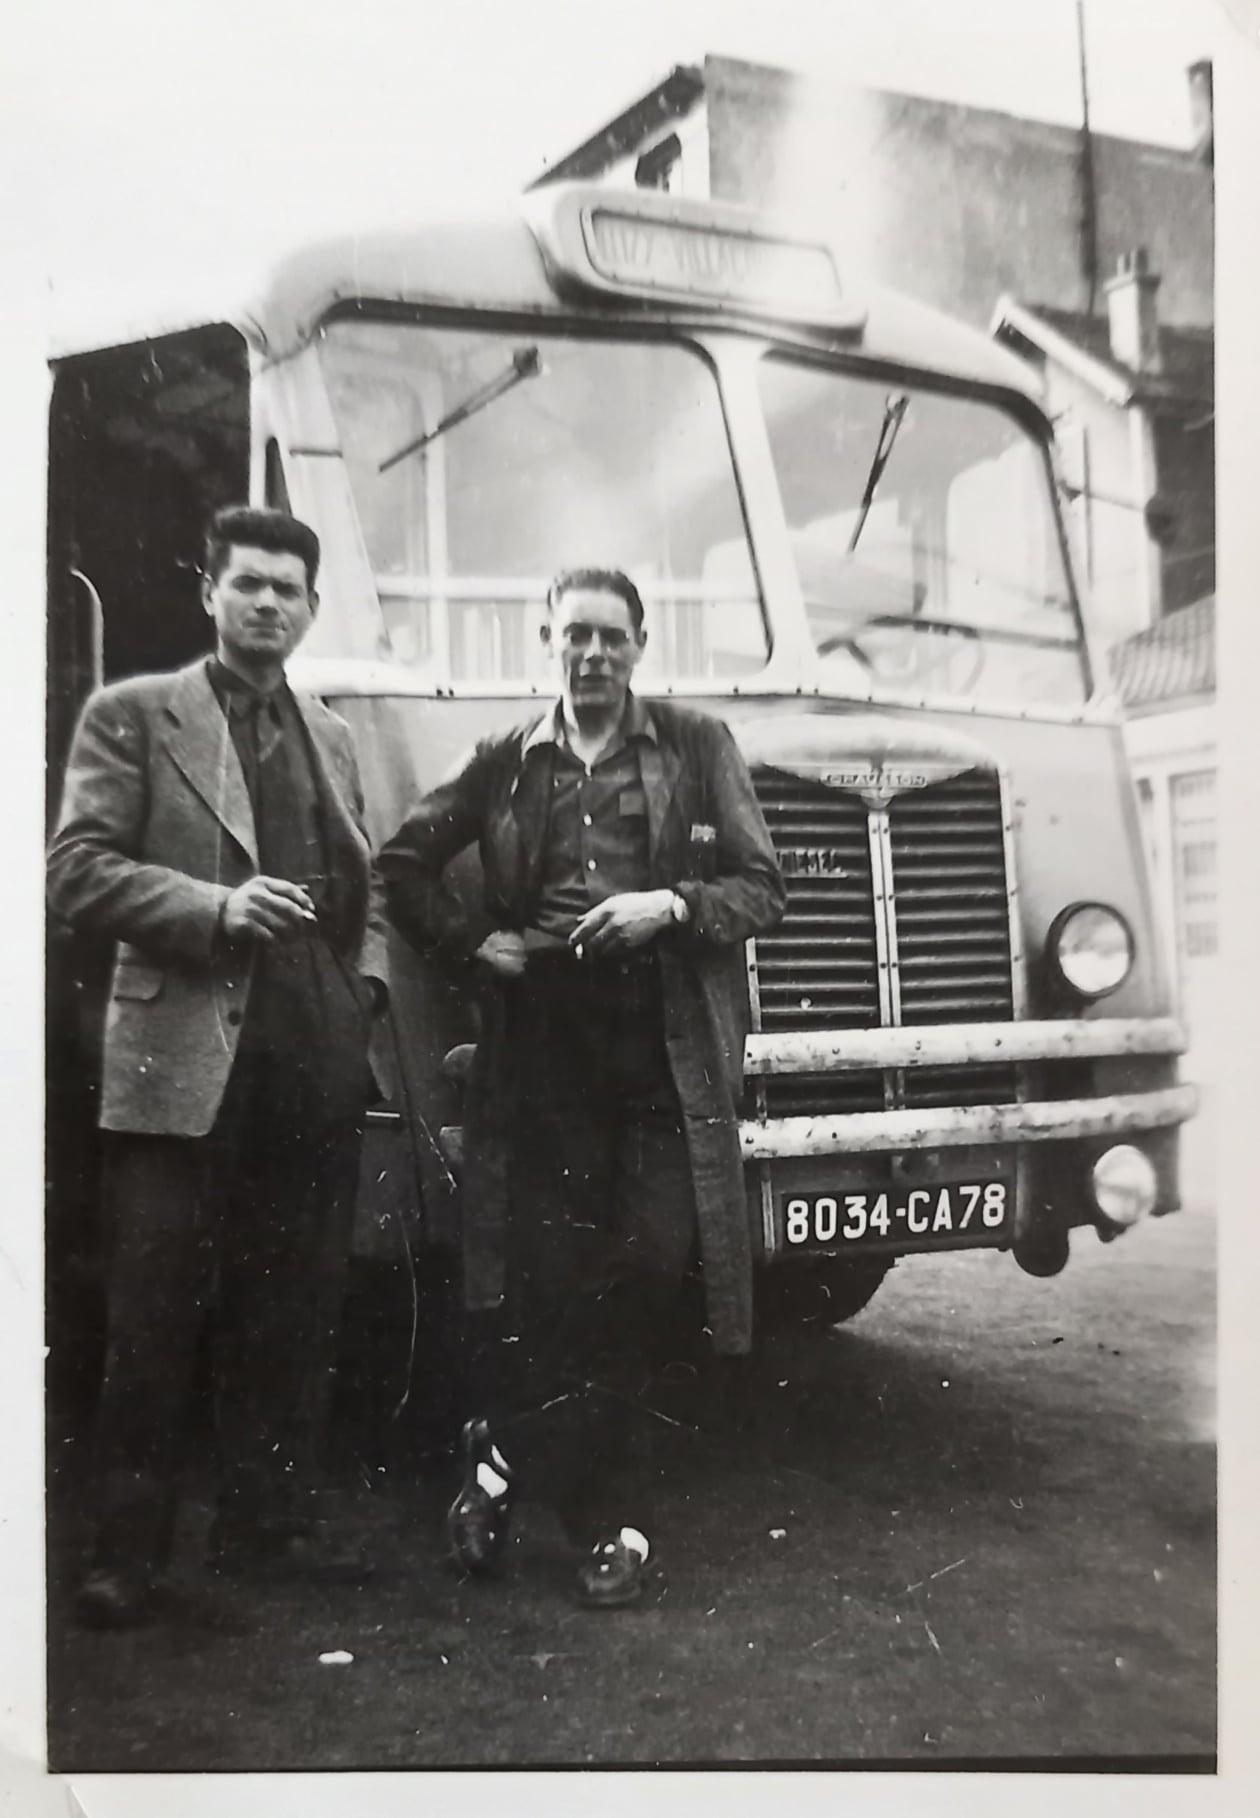 Mijn-vader-Gonthier-links-met-een-collega-van-zijn-collega-en-zijn-bus-CHAUSSON-APH-2-5-jaren-50-Cars-Louis-Gaubert-te-Viroflay--78